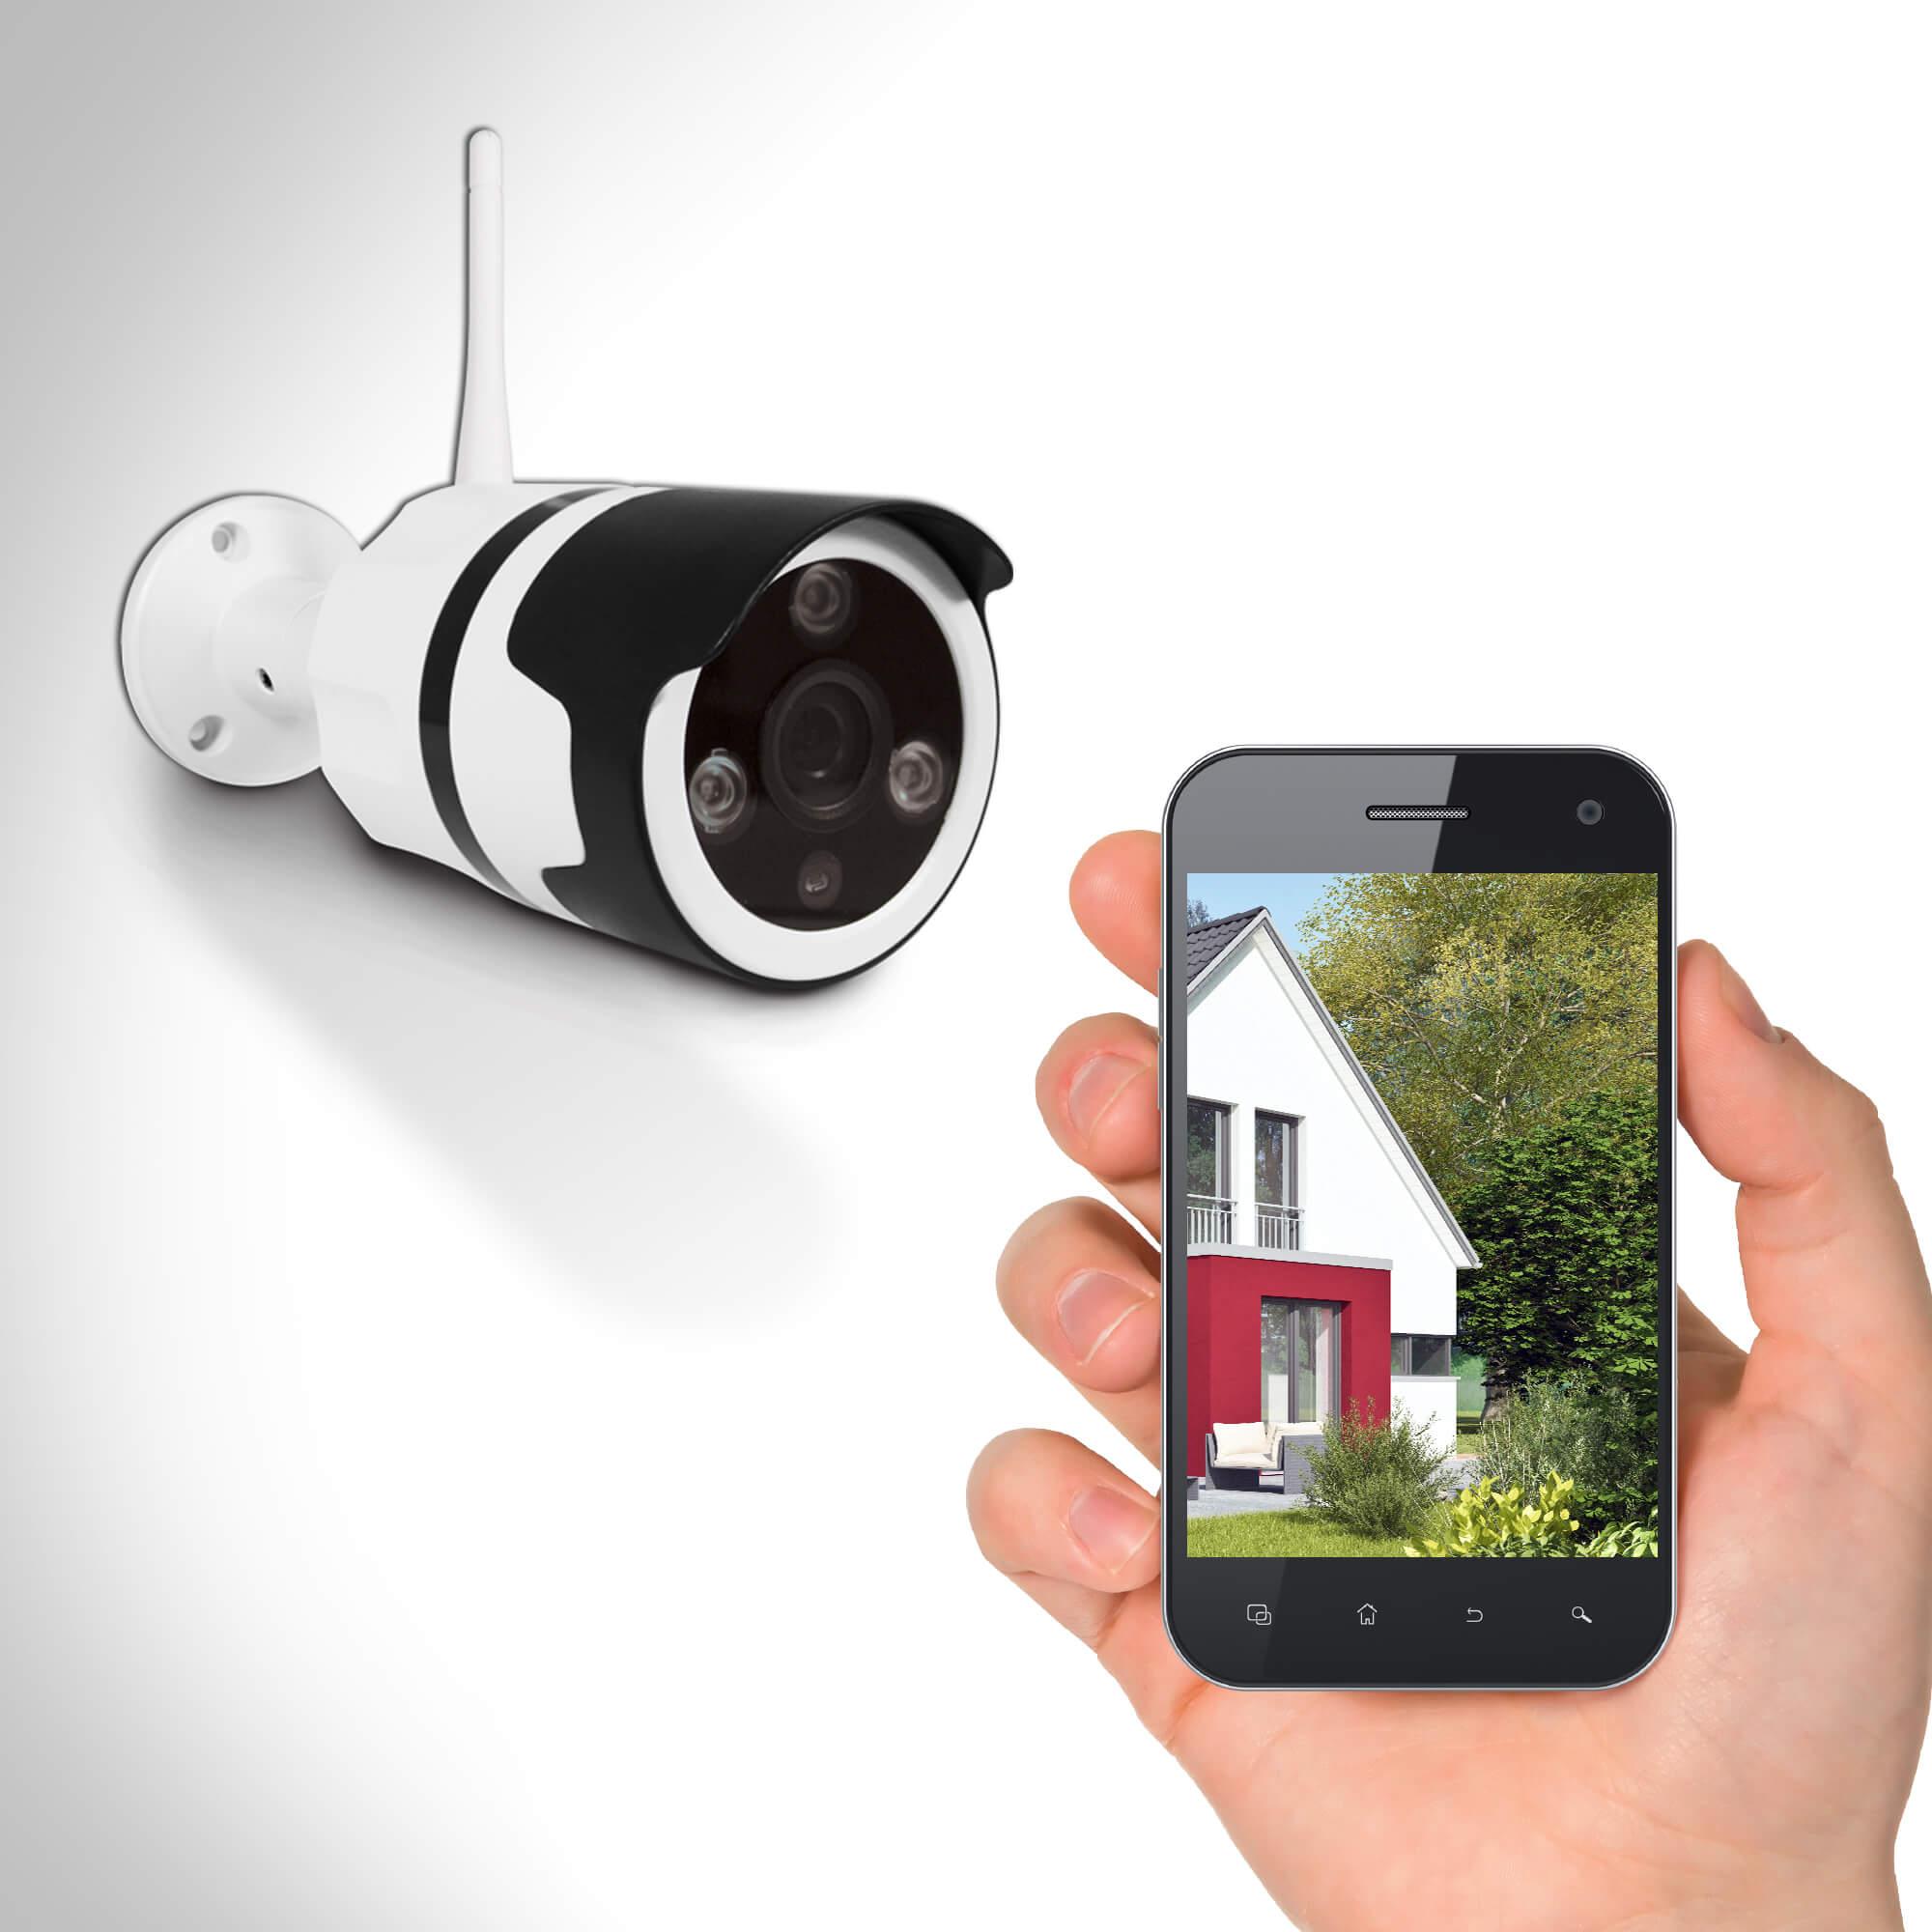 qu'est-ce qu'une caméra surveillance distance sur smartphone